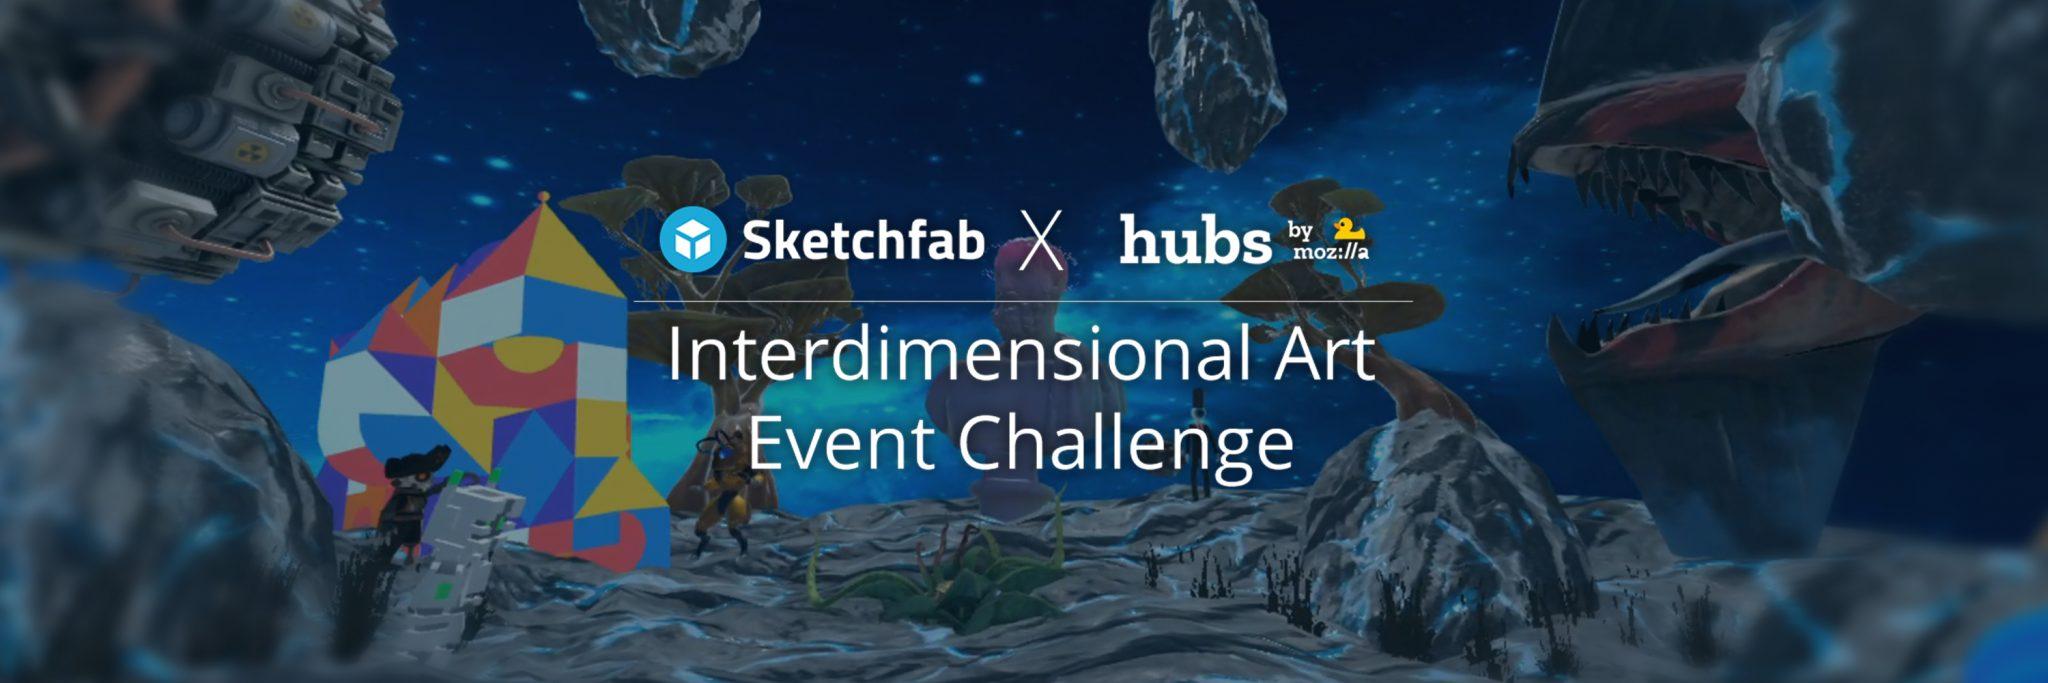 sketchfab-x-mozilla-hubs-2021-challenge-blog-header-2048x683